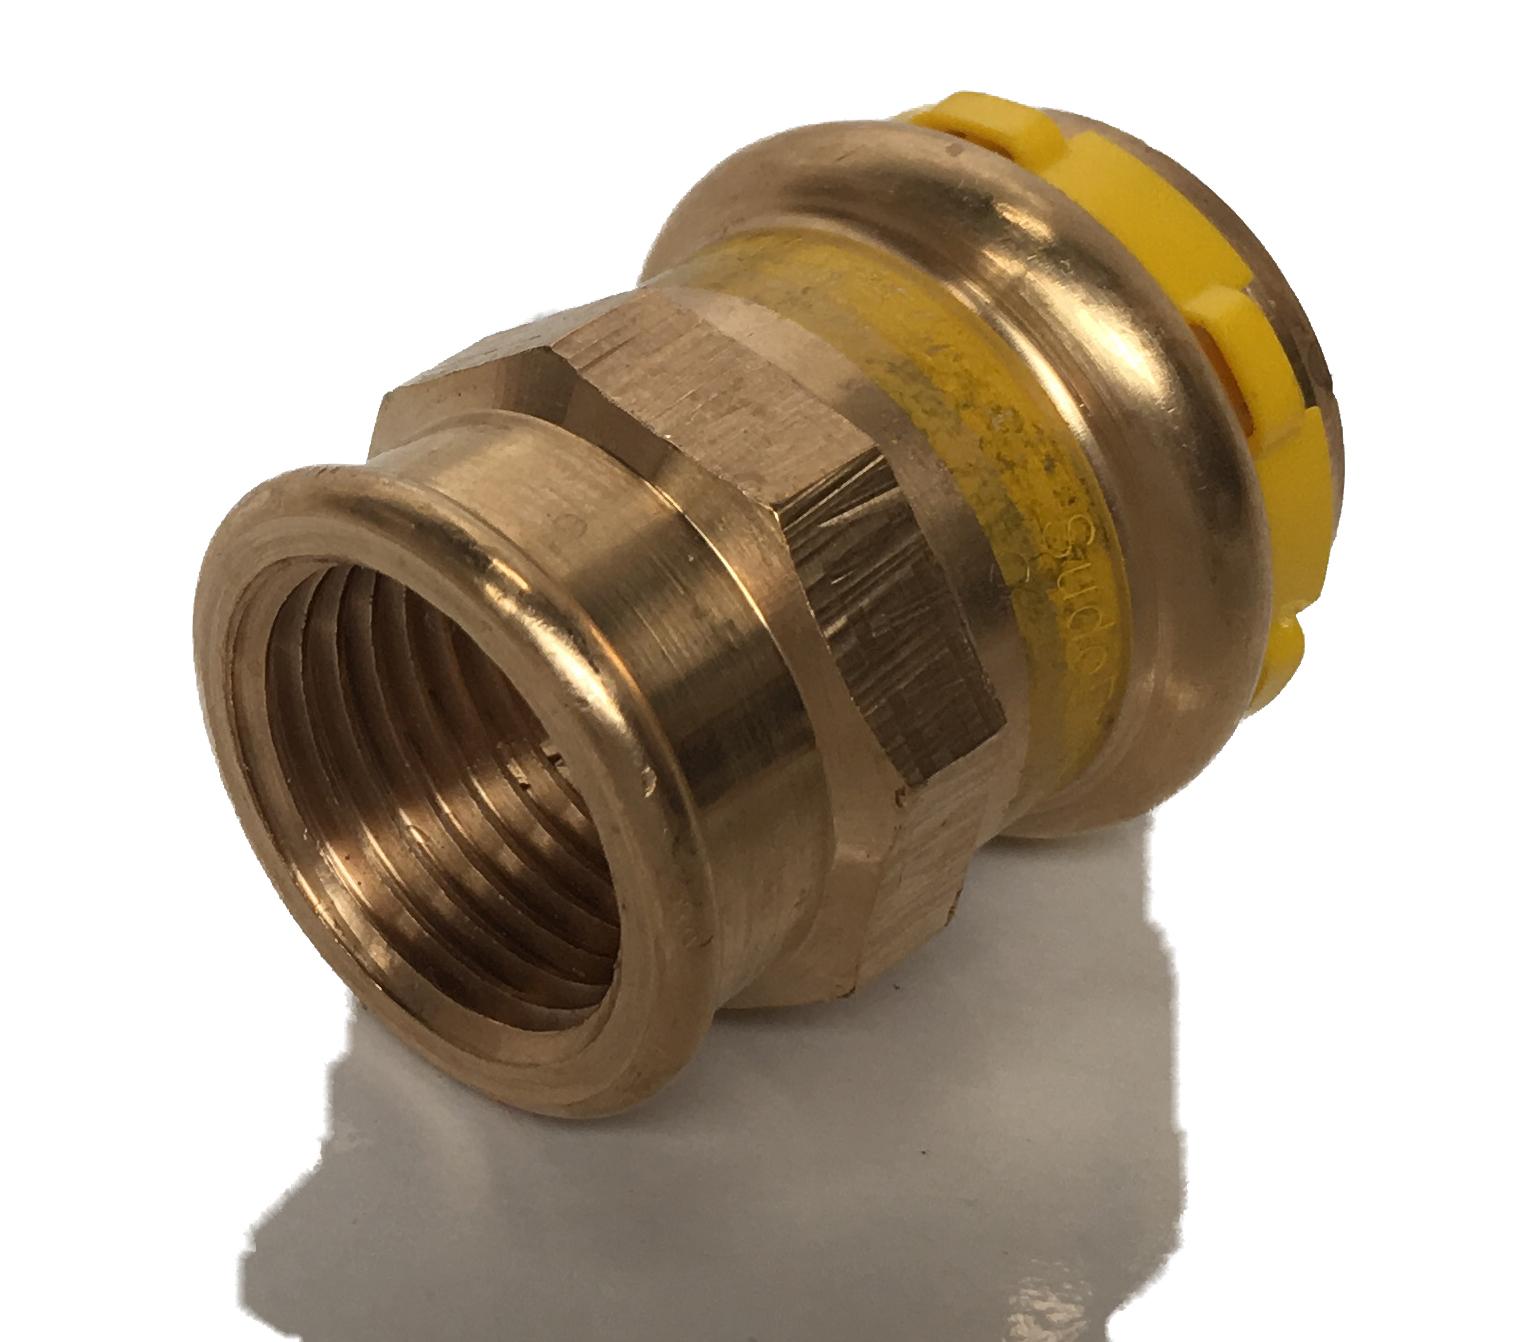 Straight fitting Copper Sudopress Press GAS 22x3/4F V-profile